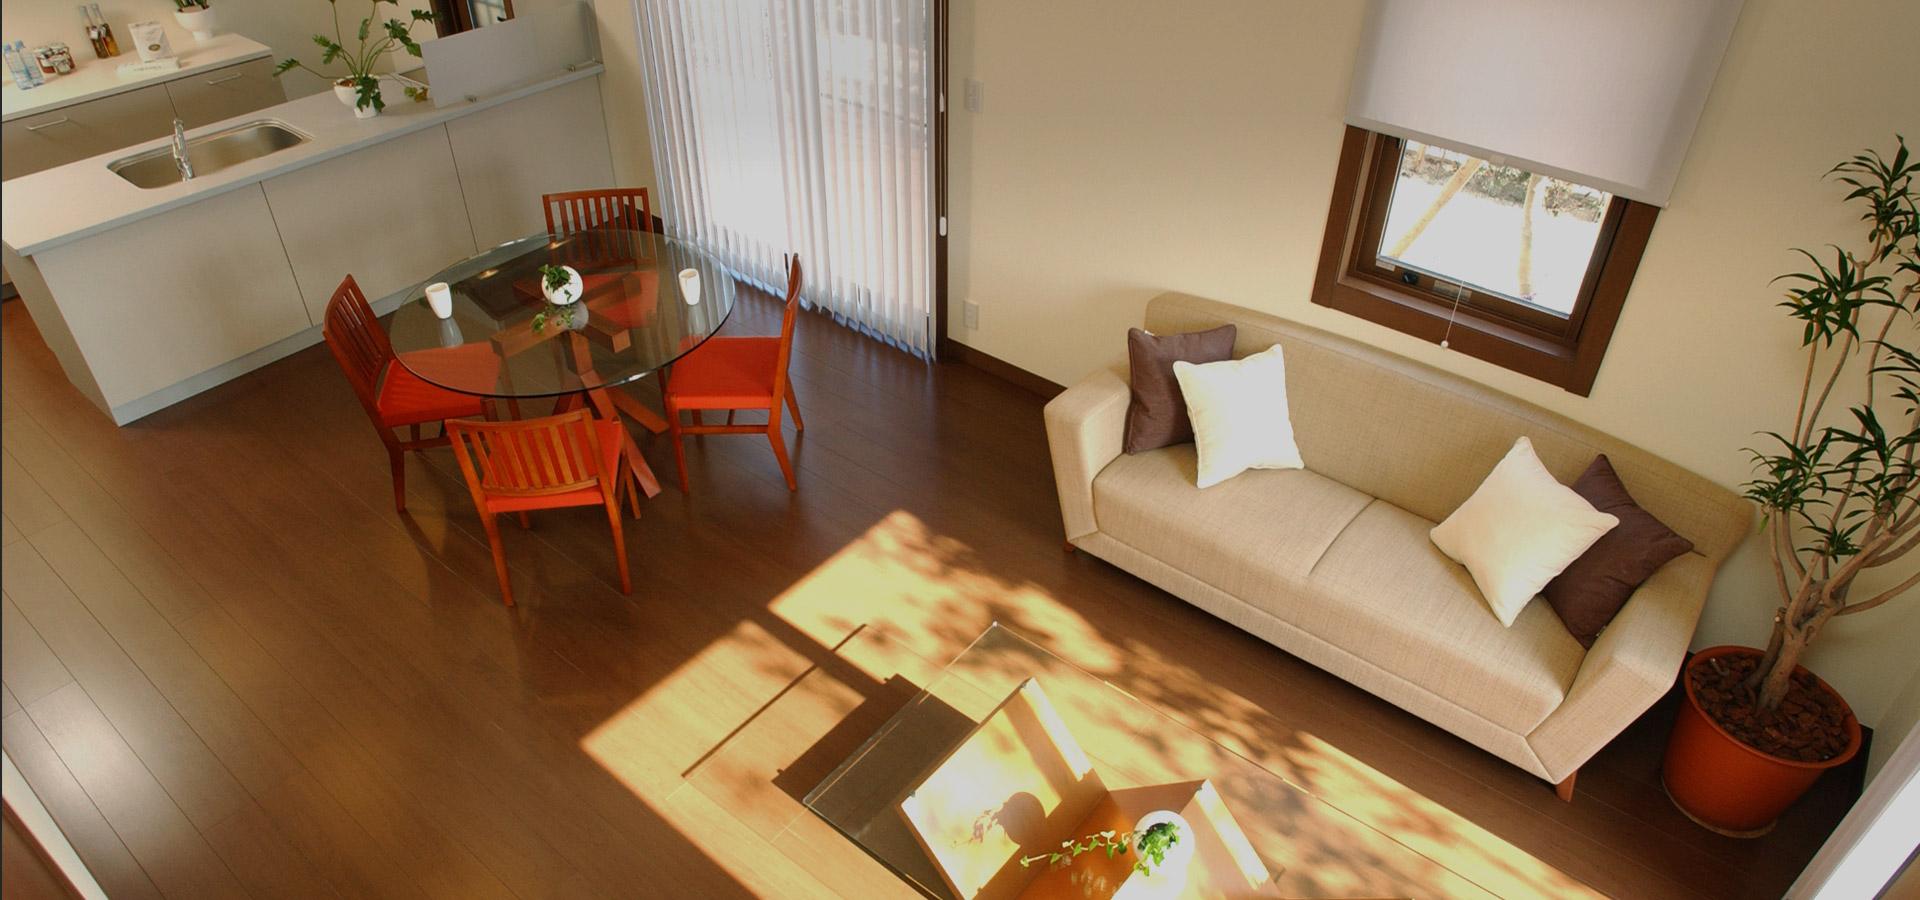 大切な家族と過ごす快適な居住空間 総合不動産ではお客様の家族構成や将来設計に合わせた物件のご紹介を心掛けています。